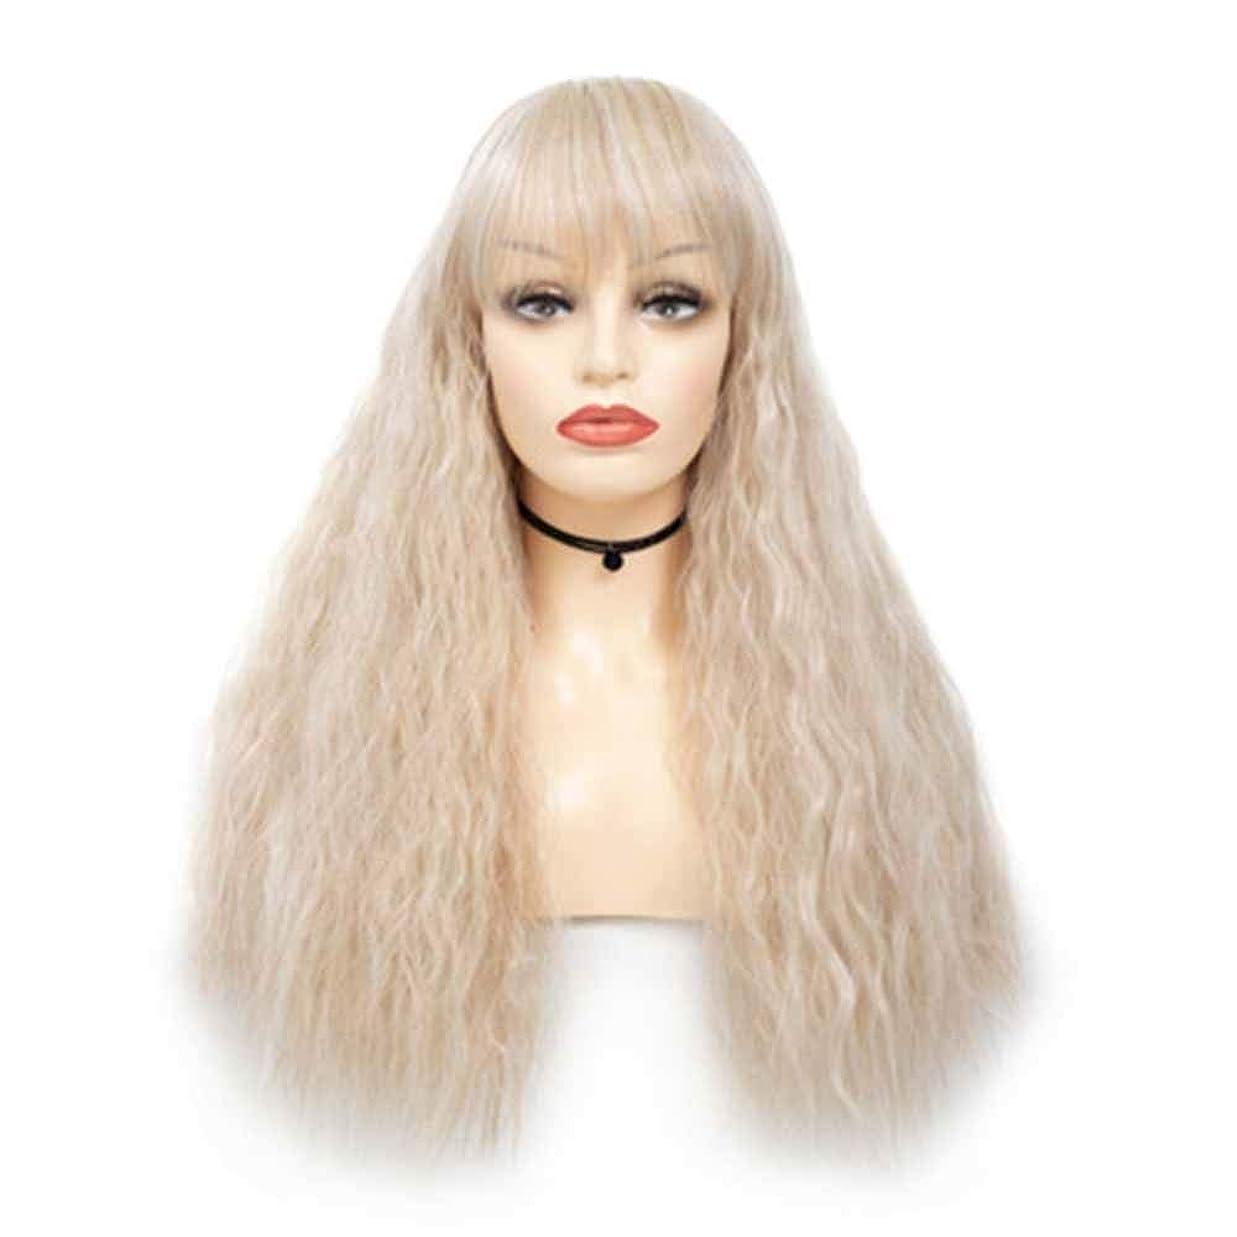 相互一般的に否定するZXF ファッション女性の混色トウモロコシ熱い毛髪のかつらチー劉Haizhongロングロールふわふわフード 美しい